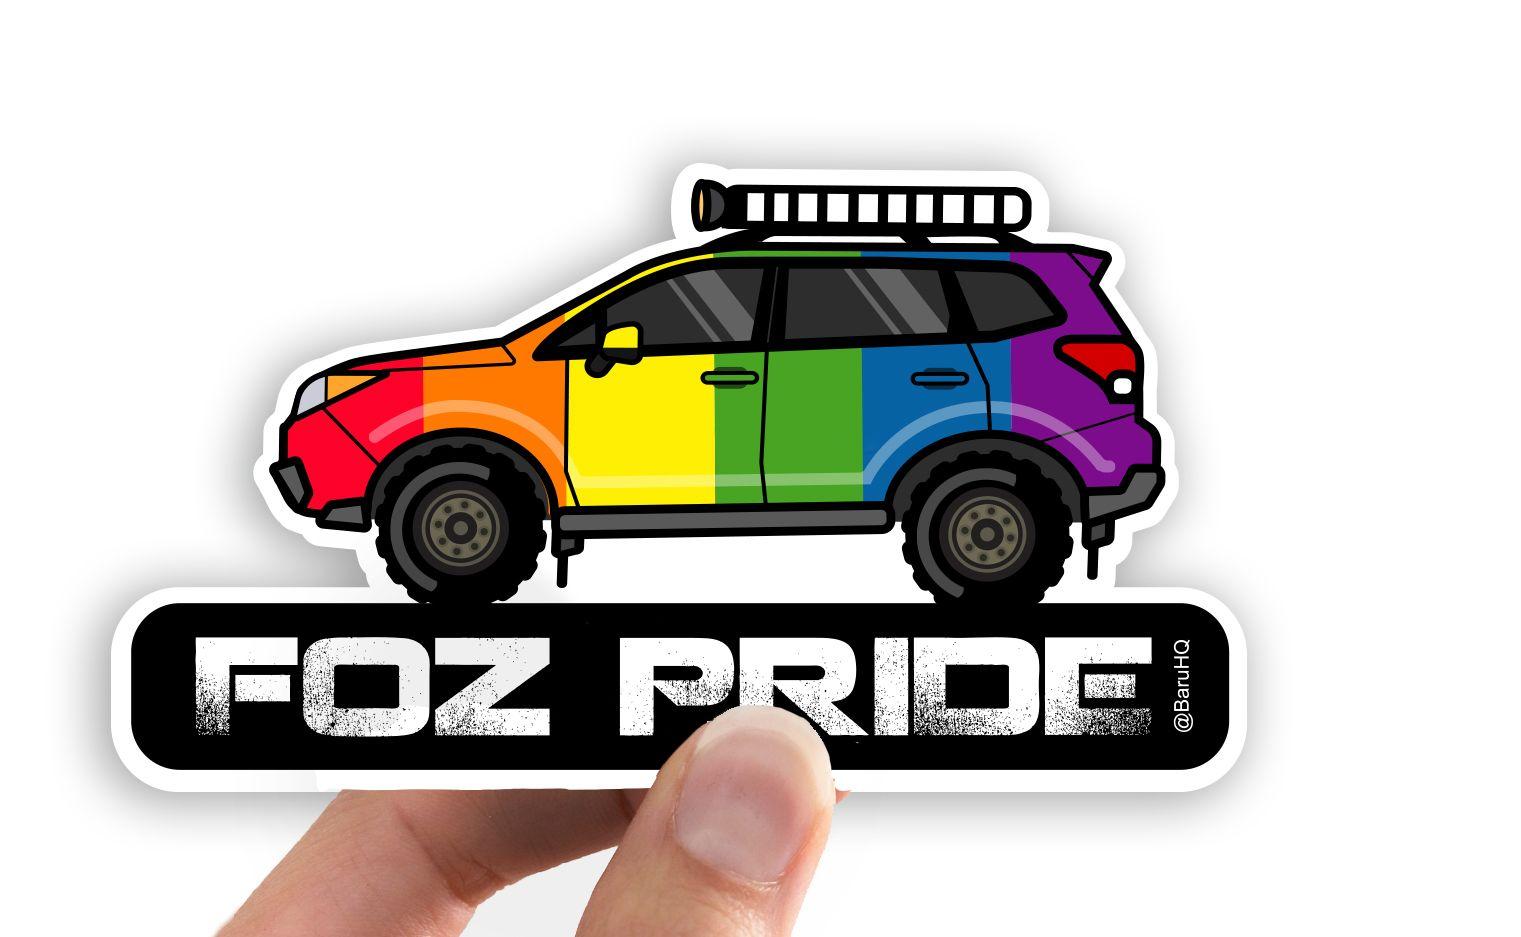 Foz Pride Subaru Forester Car Decal Outdoor Stickers Subaru Forester Subaru [ 937 x 1521 Pixel ]